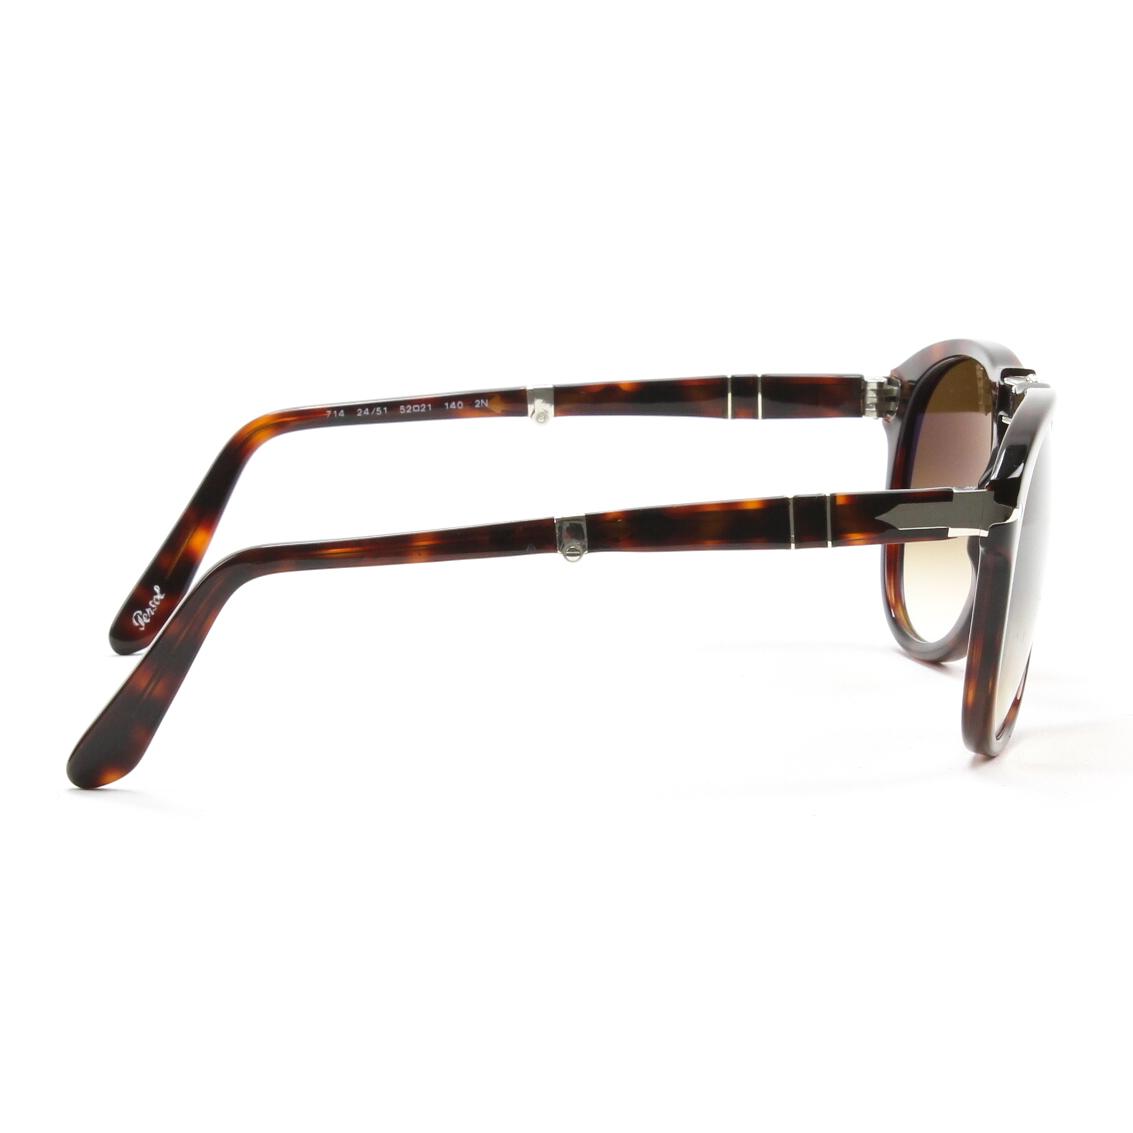 4bda5201d9a Persol Folding Glasses Review